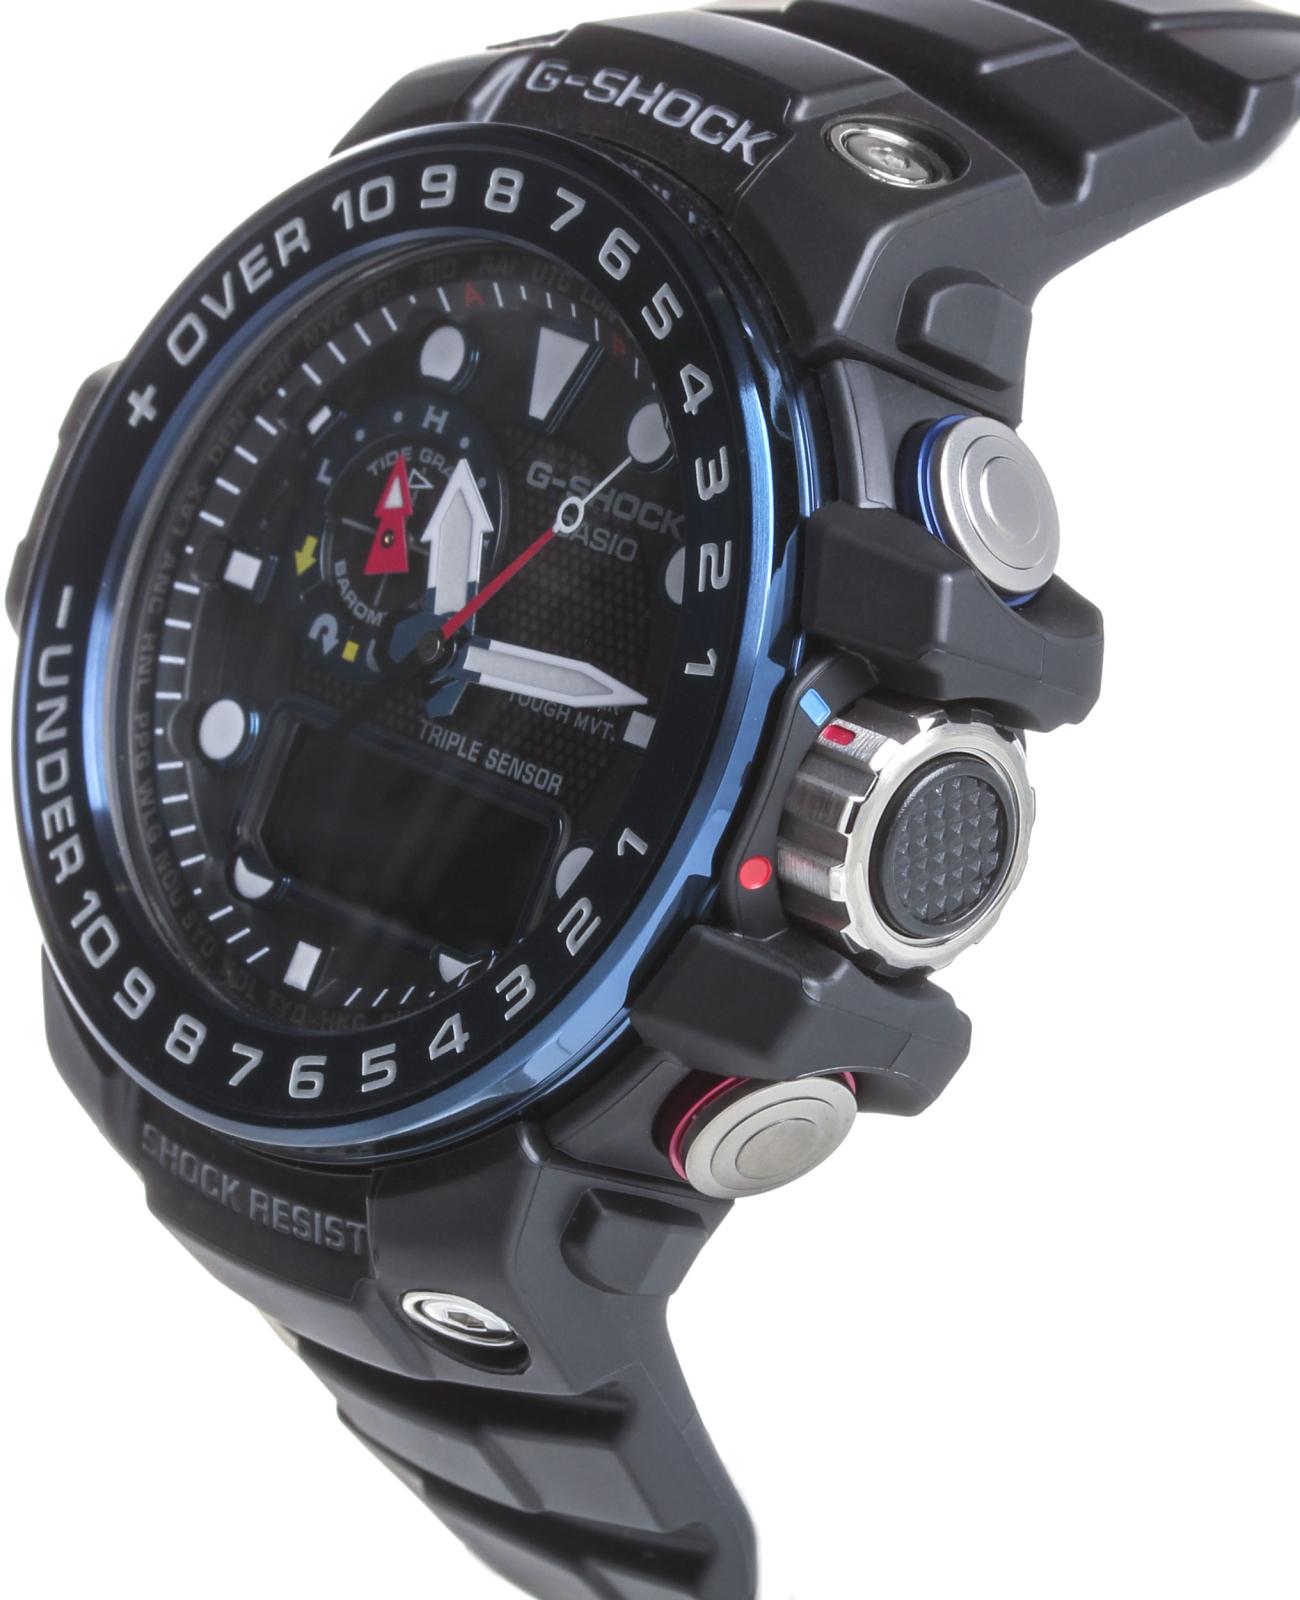 Casio G-shock Gulfmaster GWN-1000B-1BНаручные часы<br>Японские часы Casio G-shock Gulfmaster GWN-1000B-1B<br><br>Пол: Мужские<br>Страна-производитель: Япония<br>Механизм: Кварцевый<br>Материал корпуса: Сталь+пластик<br>Материал ремня/браслета: Каучук<br>Водозащита, диапазон: None<br>Стекло: Минеральное<br>Толщина корпуса: 16,2 мм<br>Стиль: None